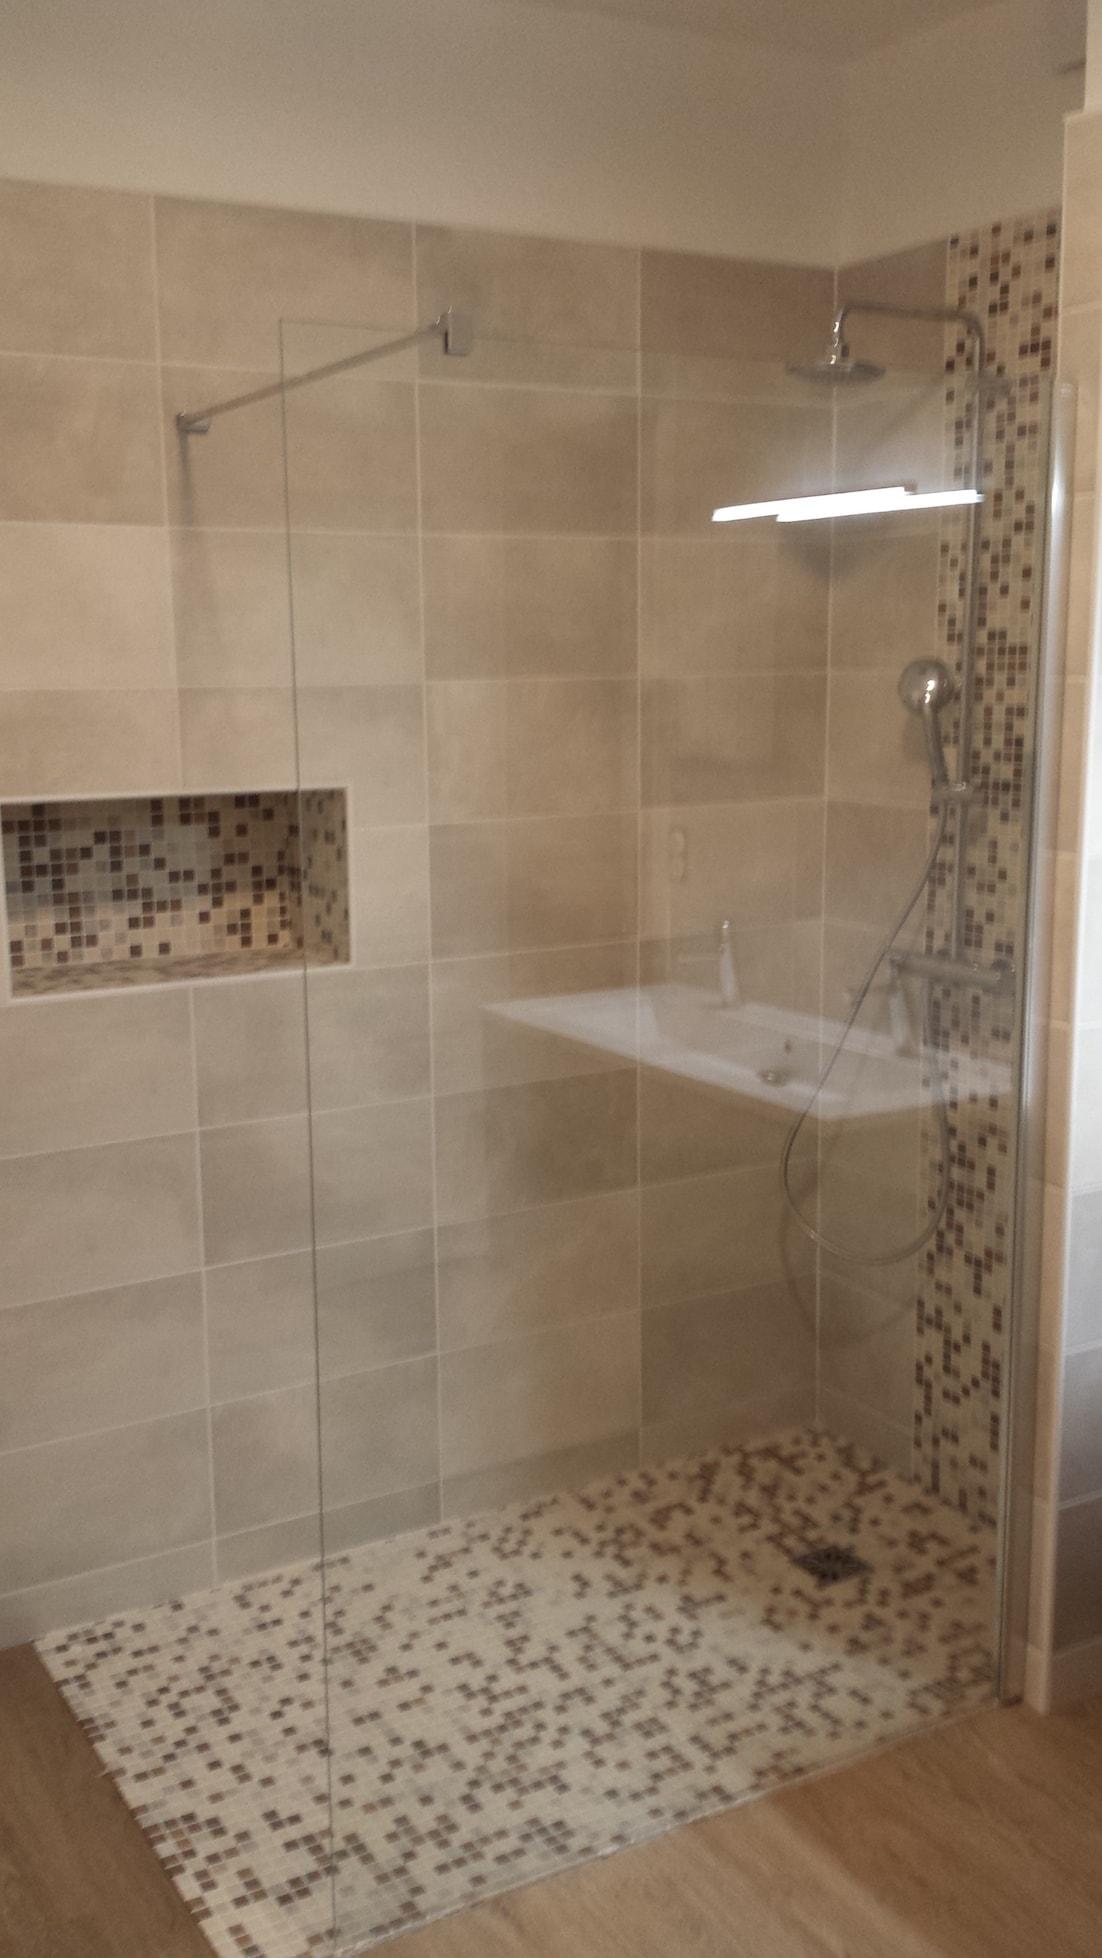 Rnovation dune salle de bain  Guillot P2A